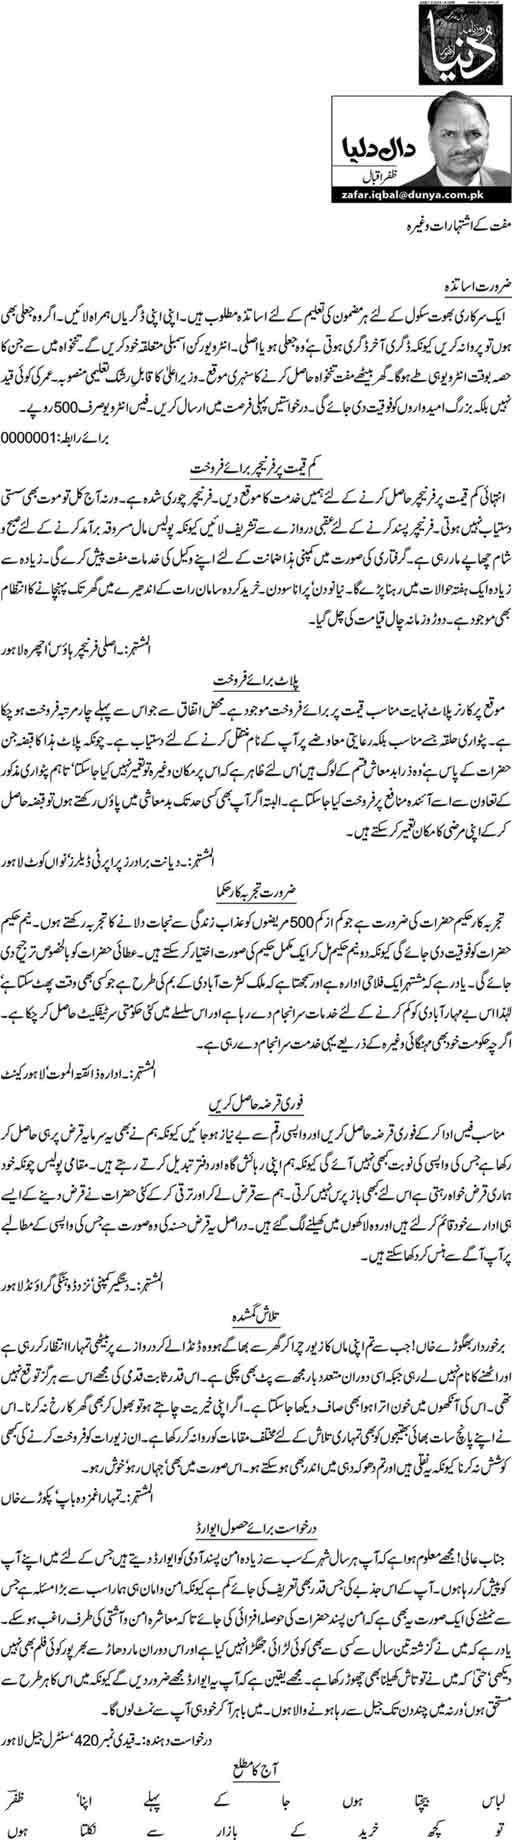 Muffat k ishteharat waghaira - Zafar Iqbal